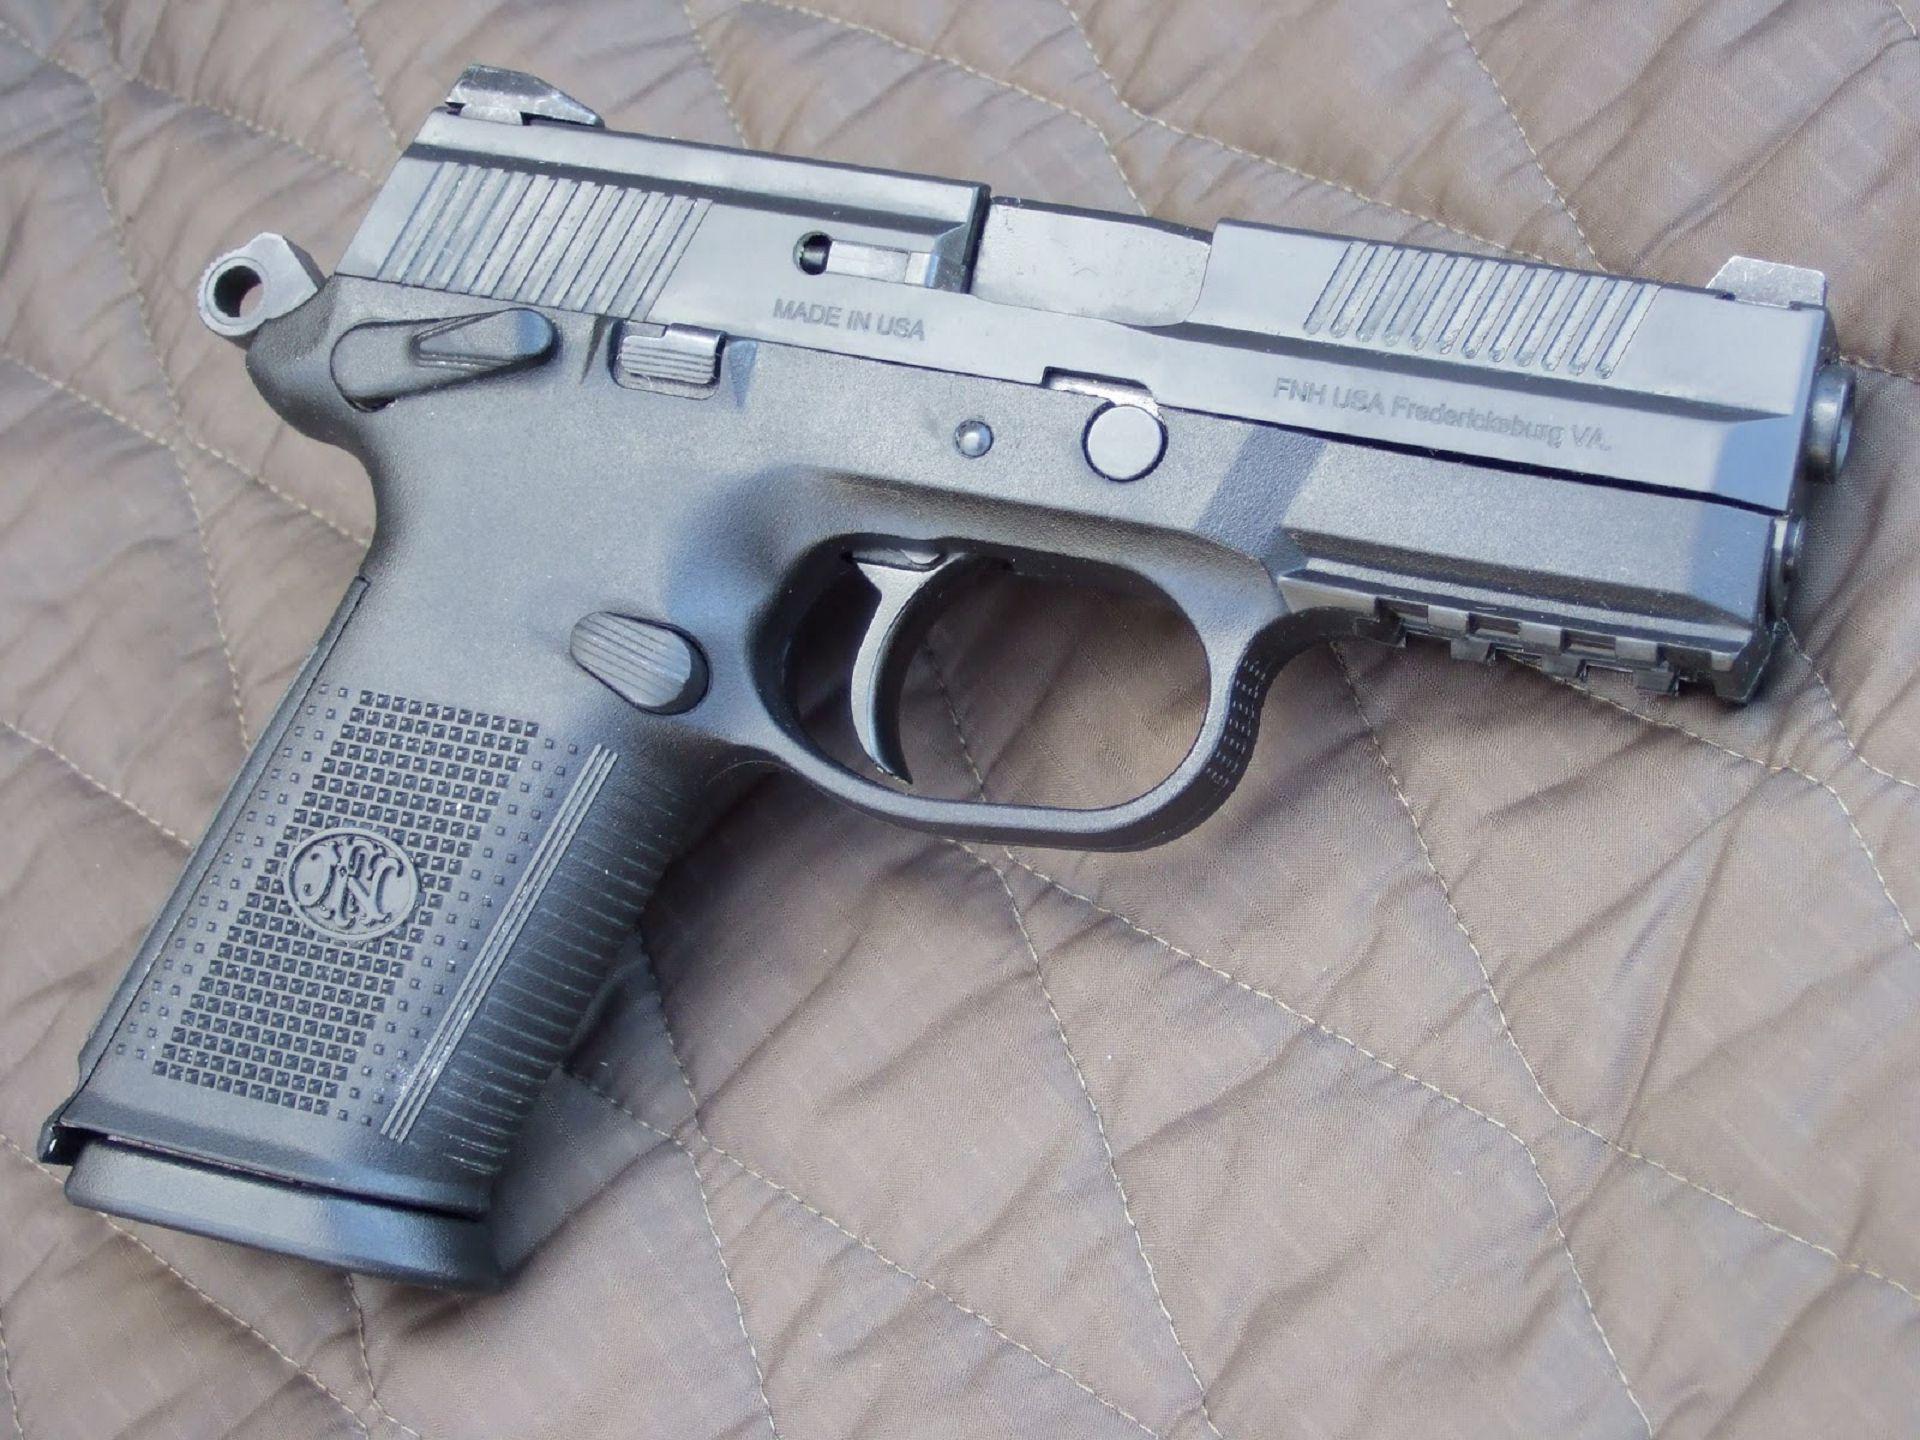 FN Herstal FNX-9